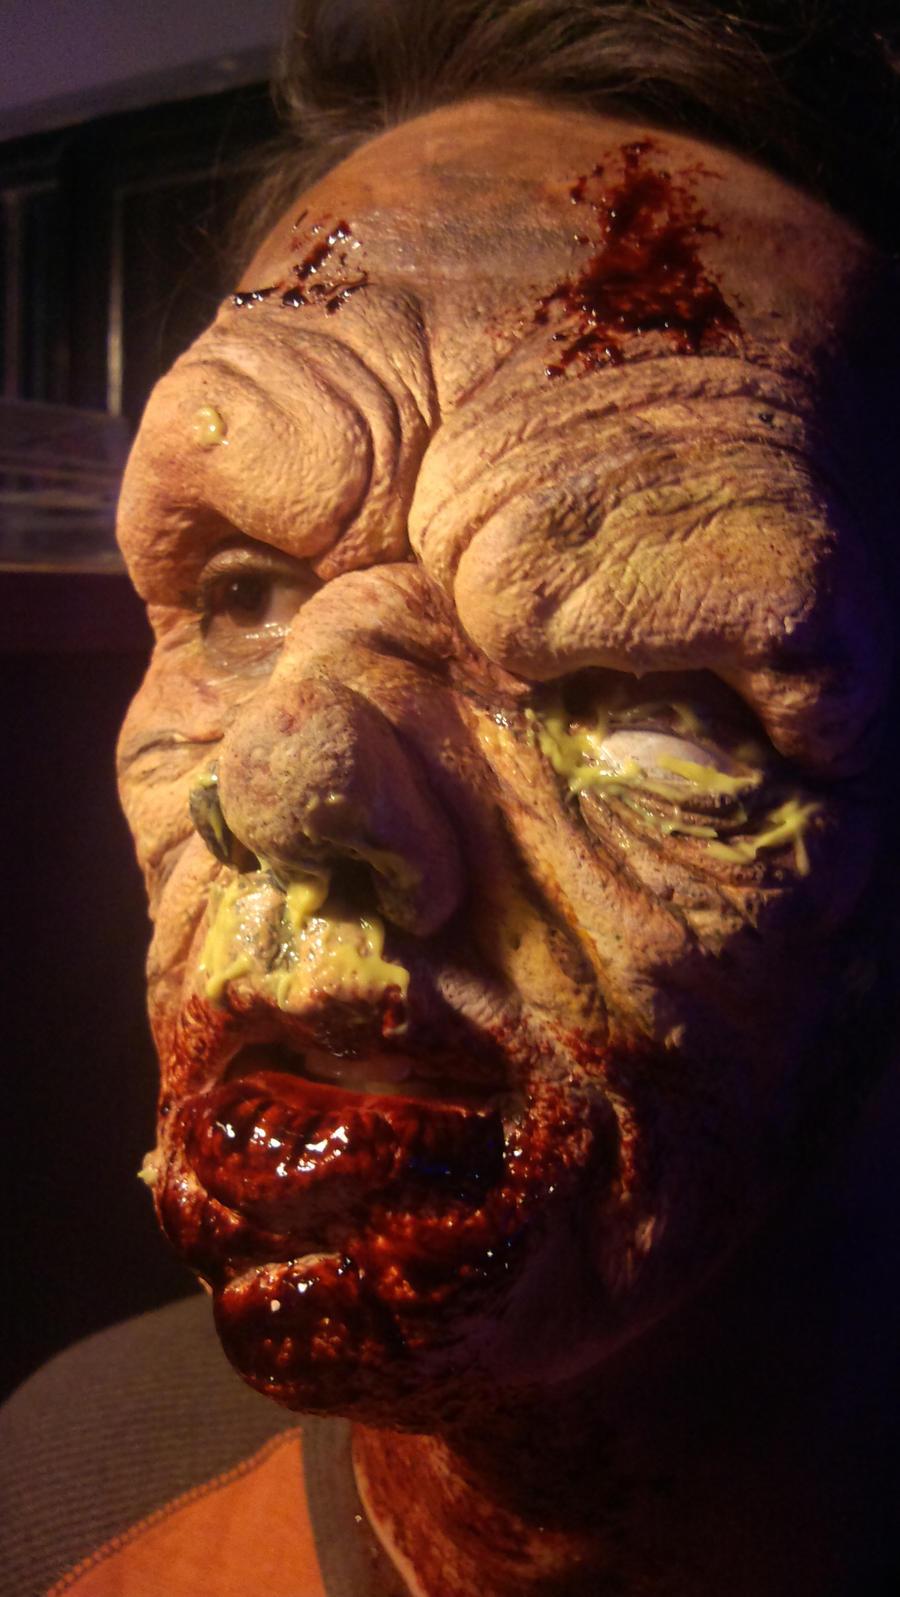 Foam Latex Zombie 3 by thefxfox